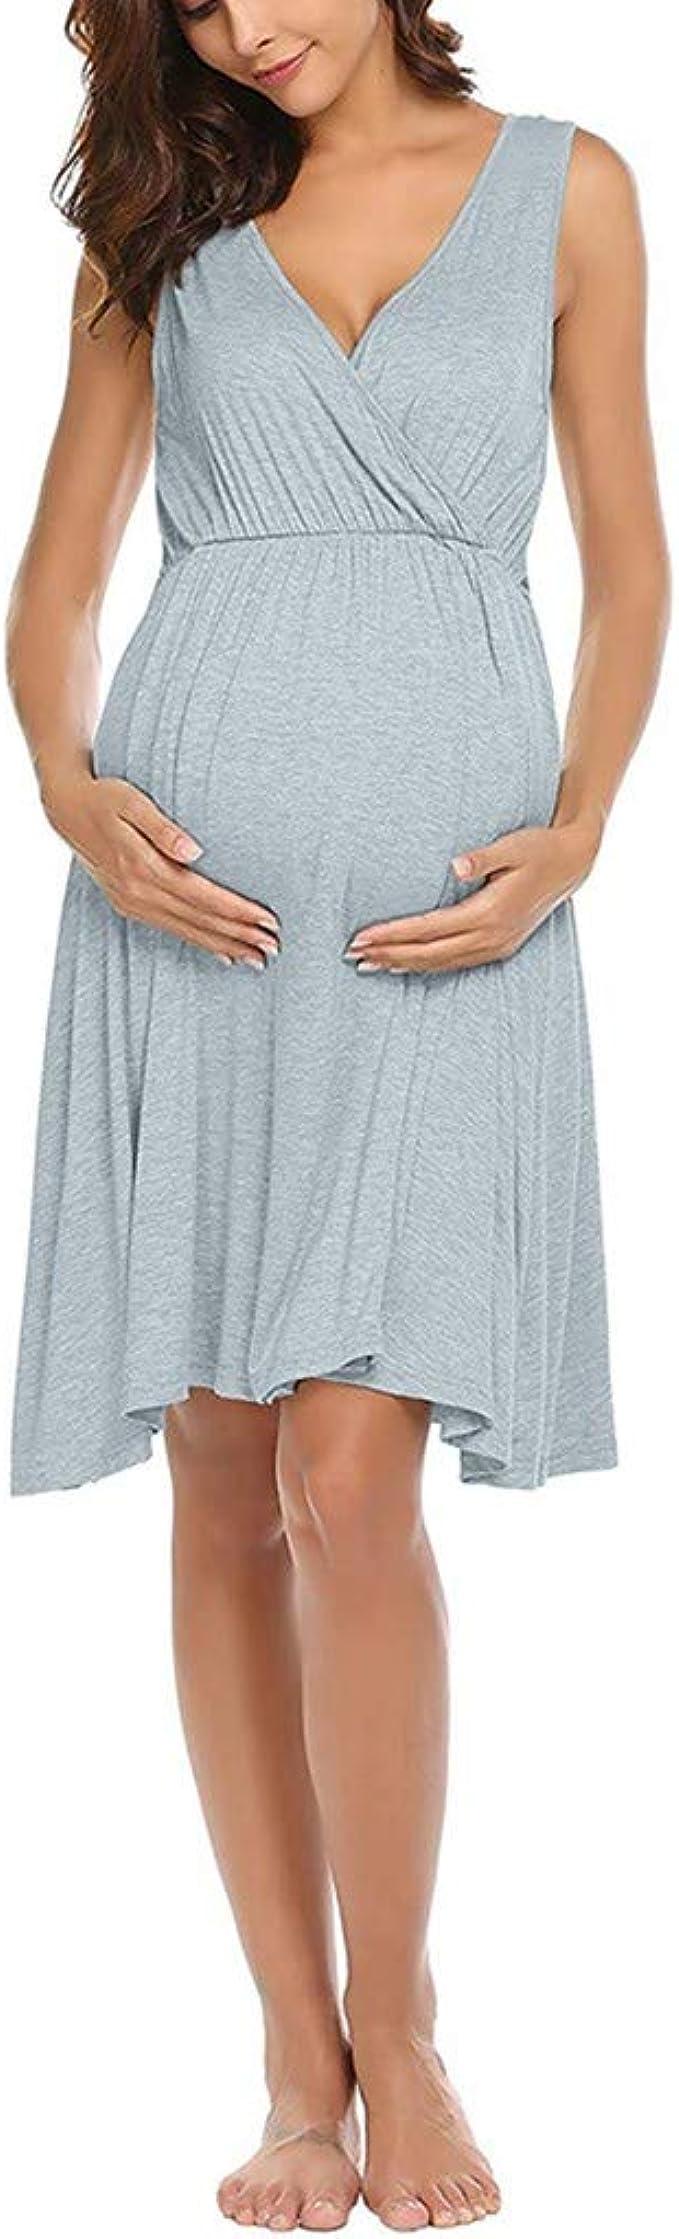 Rawdah_Vestido De Maternidad Fiesta Cortos Primavera Largos Faldas ...